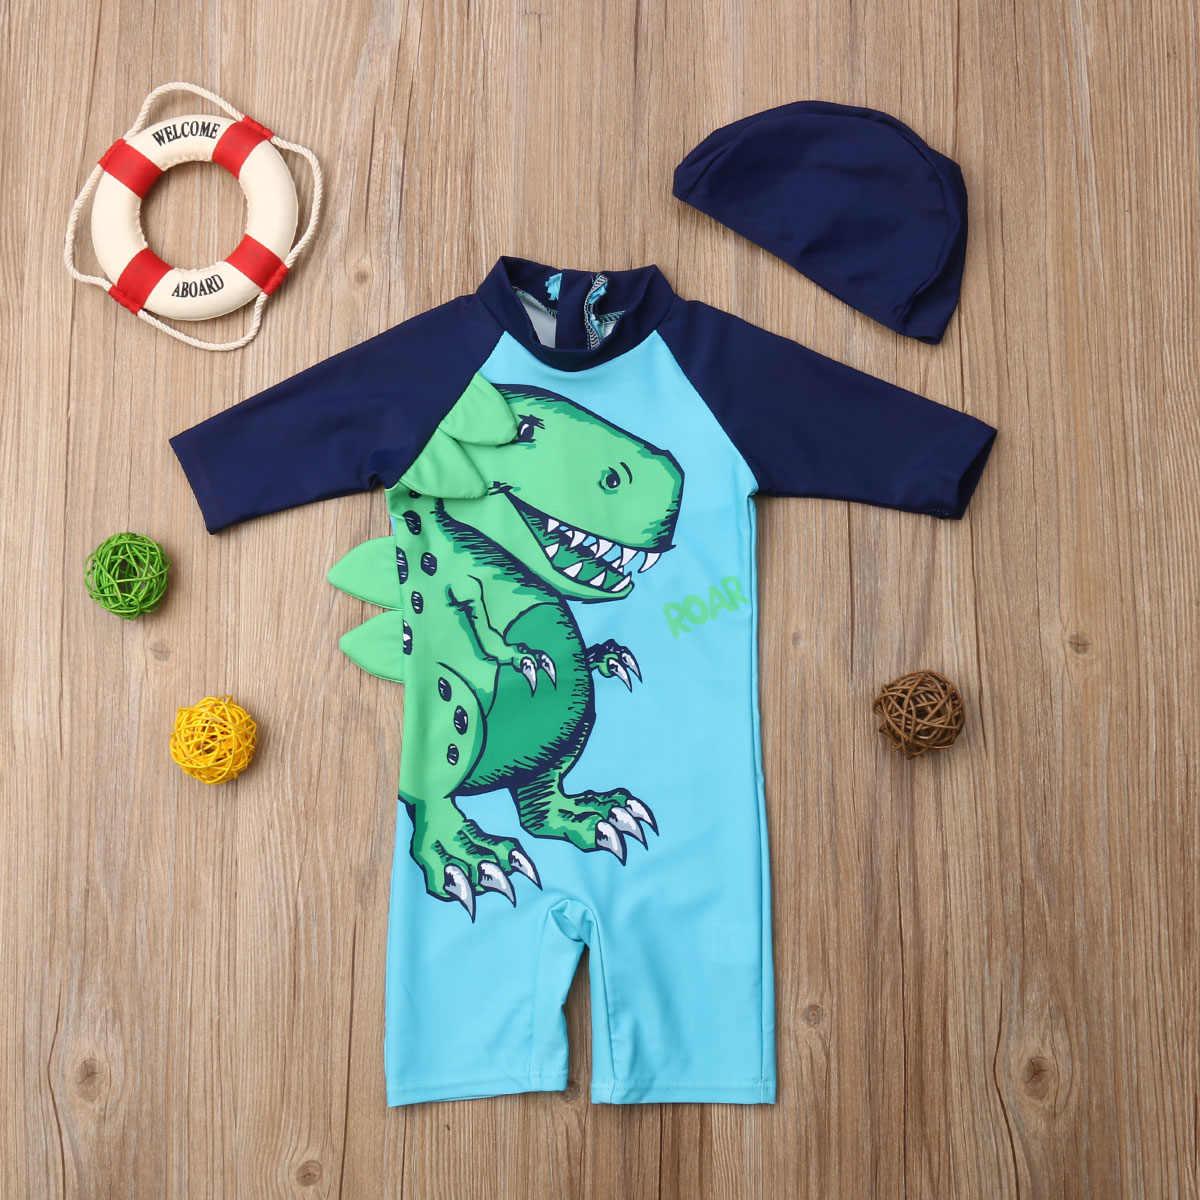 الصيف الساخن الطفل الاطفال الفتيان طفل صبي الكرتون ديناصور الشمس واقية ملابس السباحة طفح الحرس ملابس السباحة + قبعة لطيف الشاطئ طفل زي